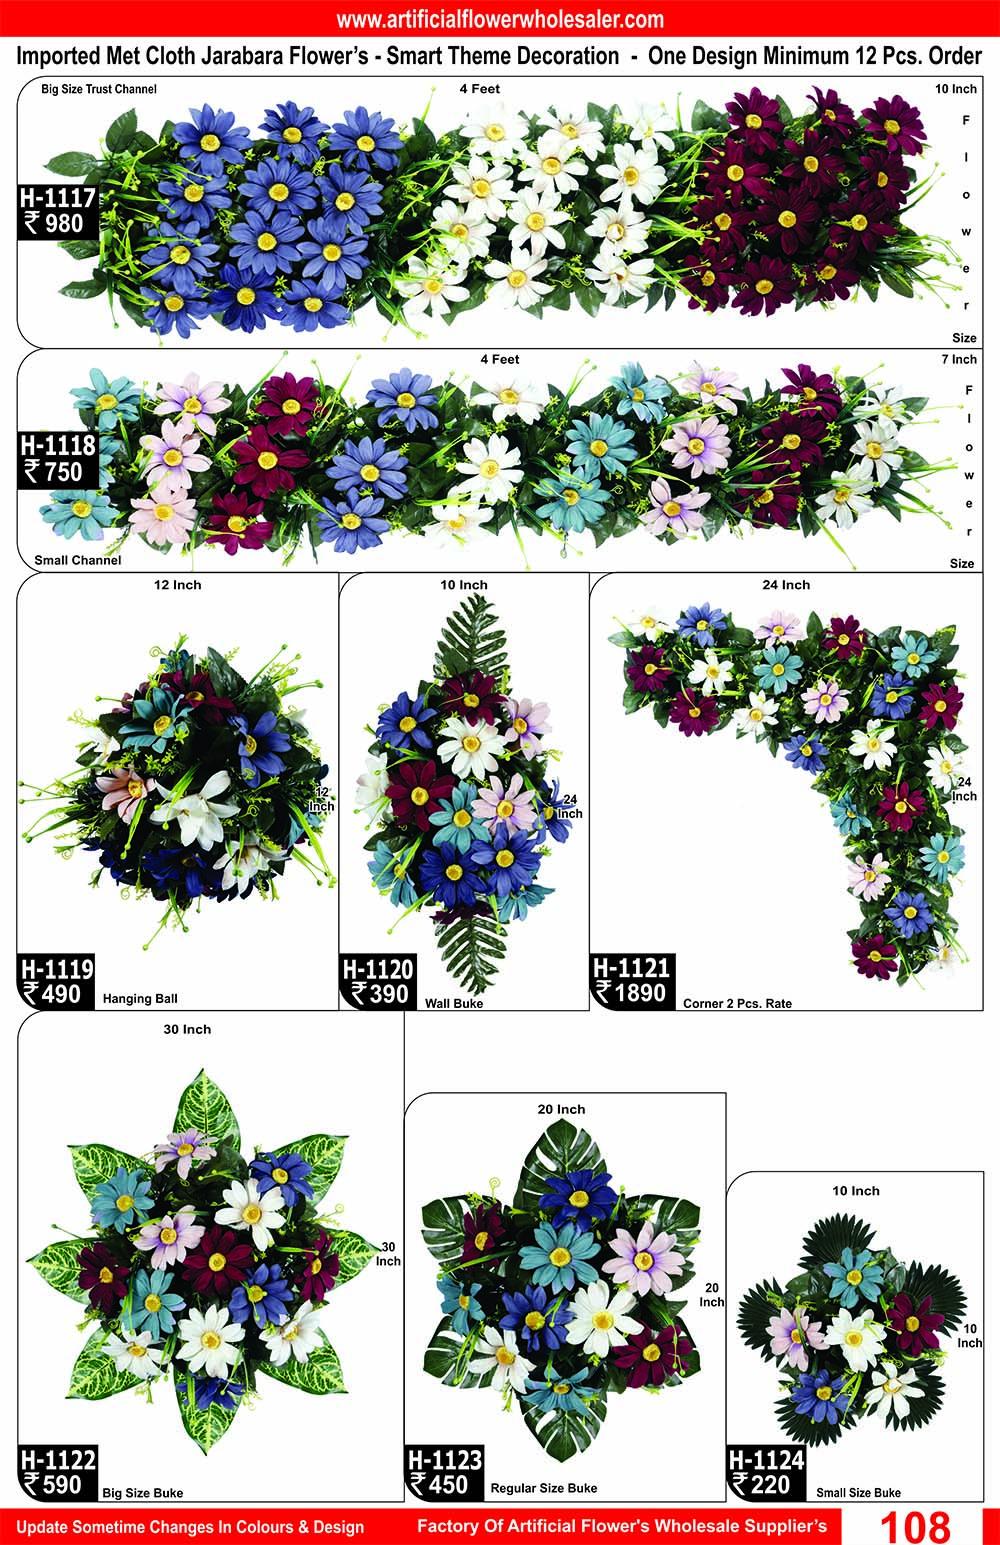 108-artificial-flower-wholesaler